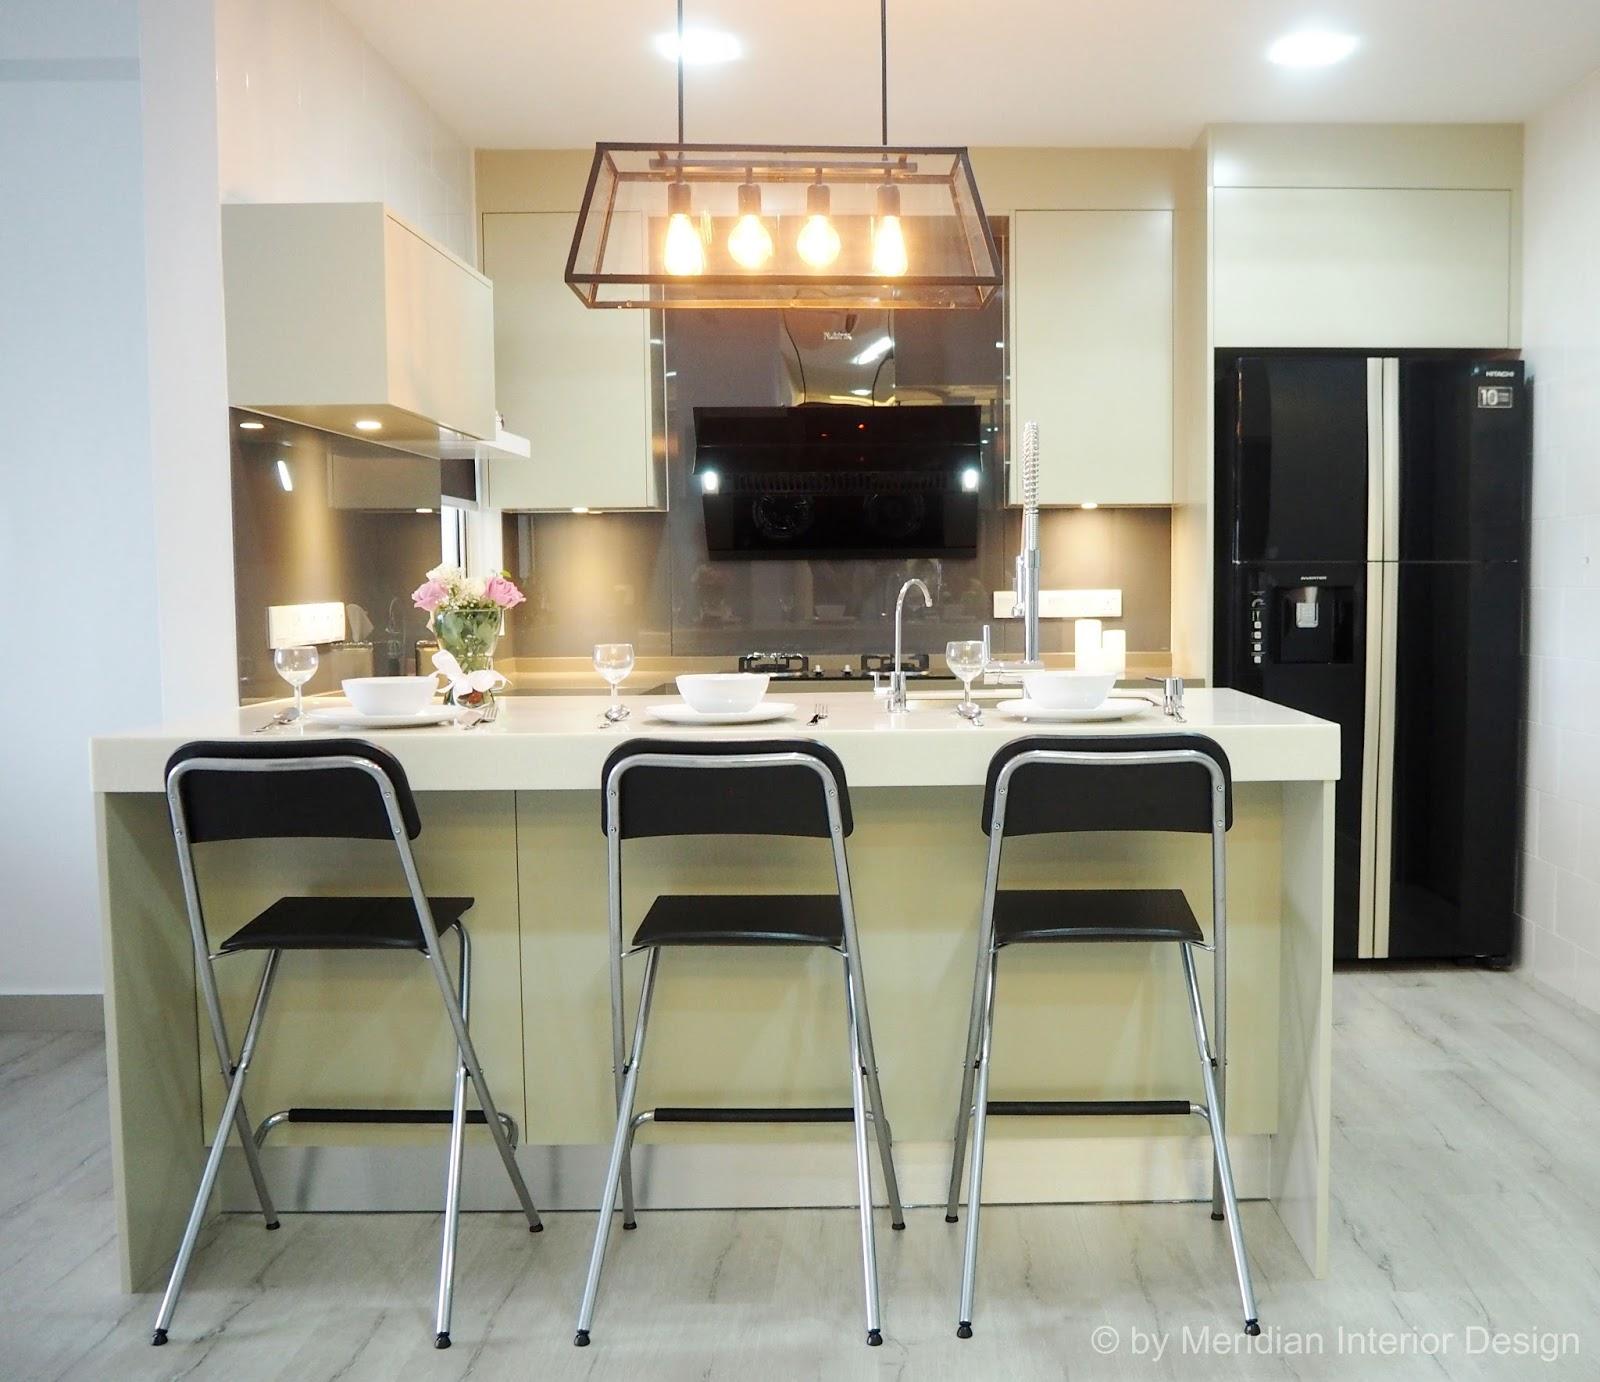 Kitchen Interior Design: Inspiration Through Creative Interior Designs: Modern